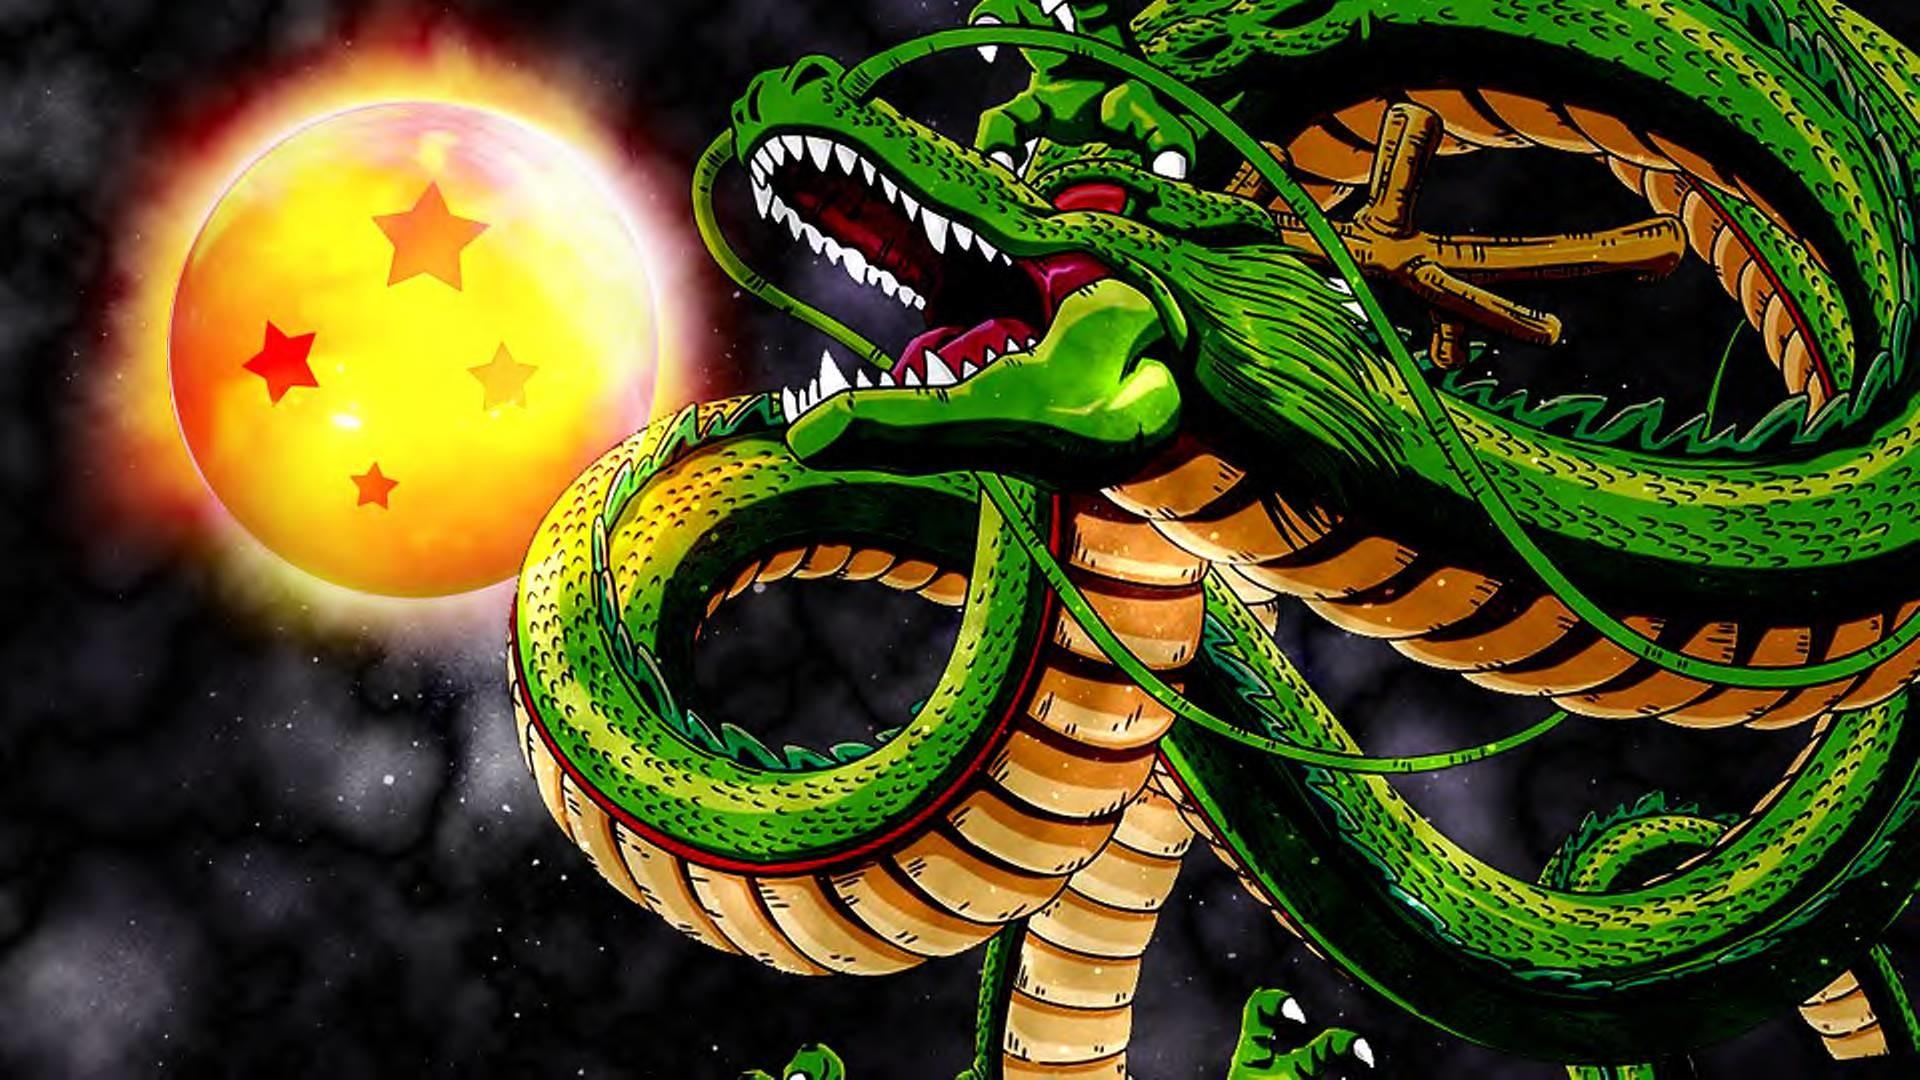 dragon ball z wallpapers stars. Â«Â«